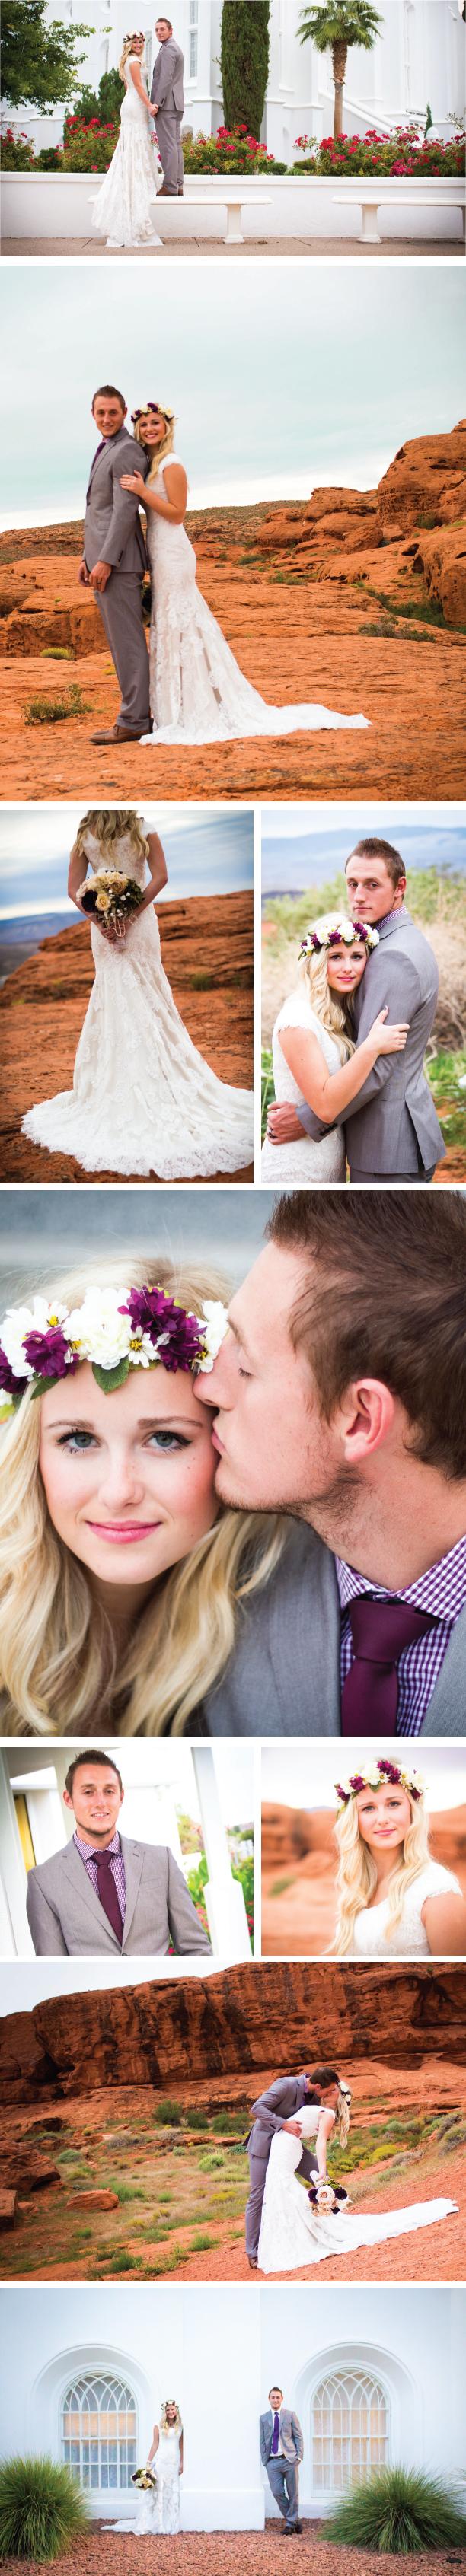 Dustin & Baylee | Bridals